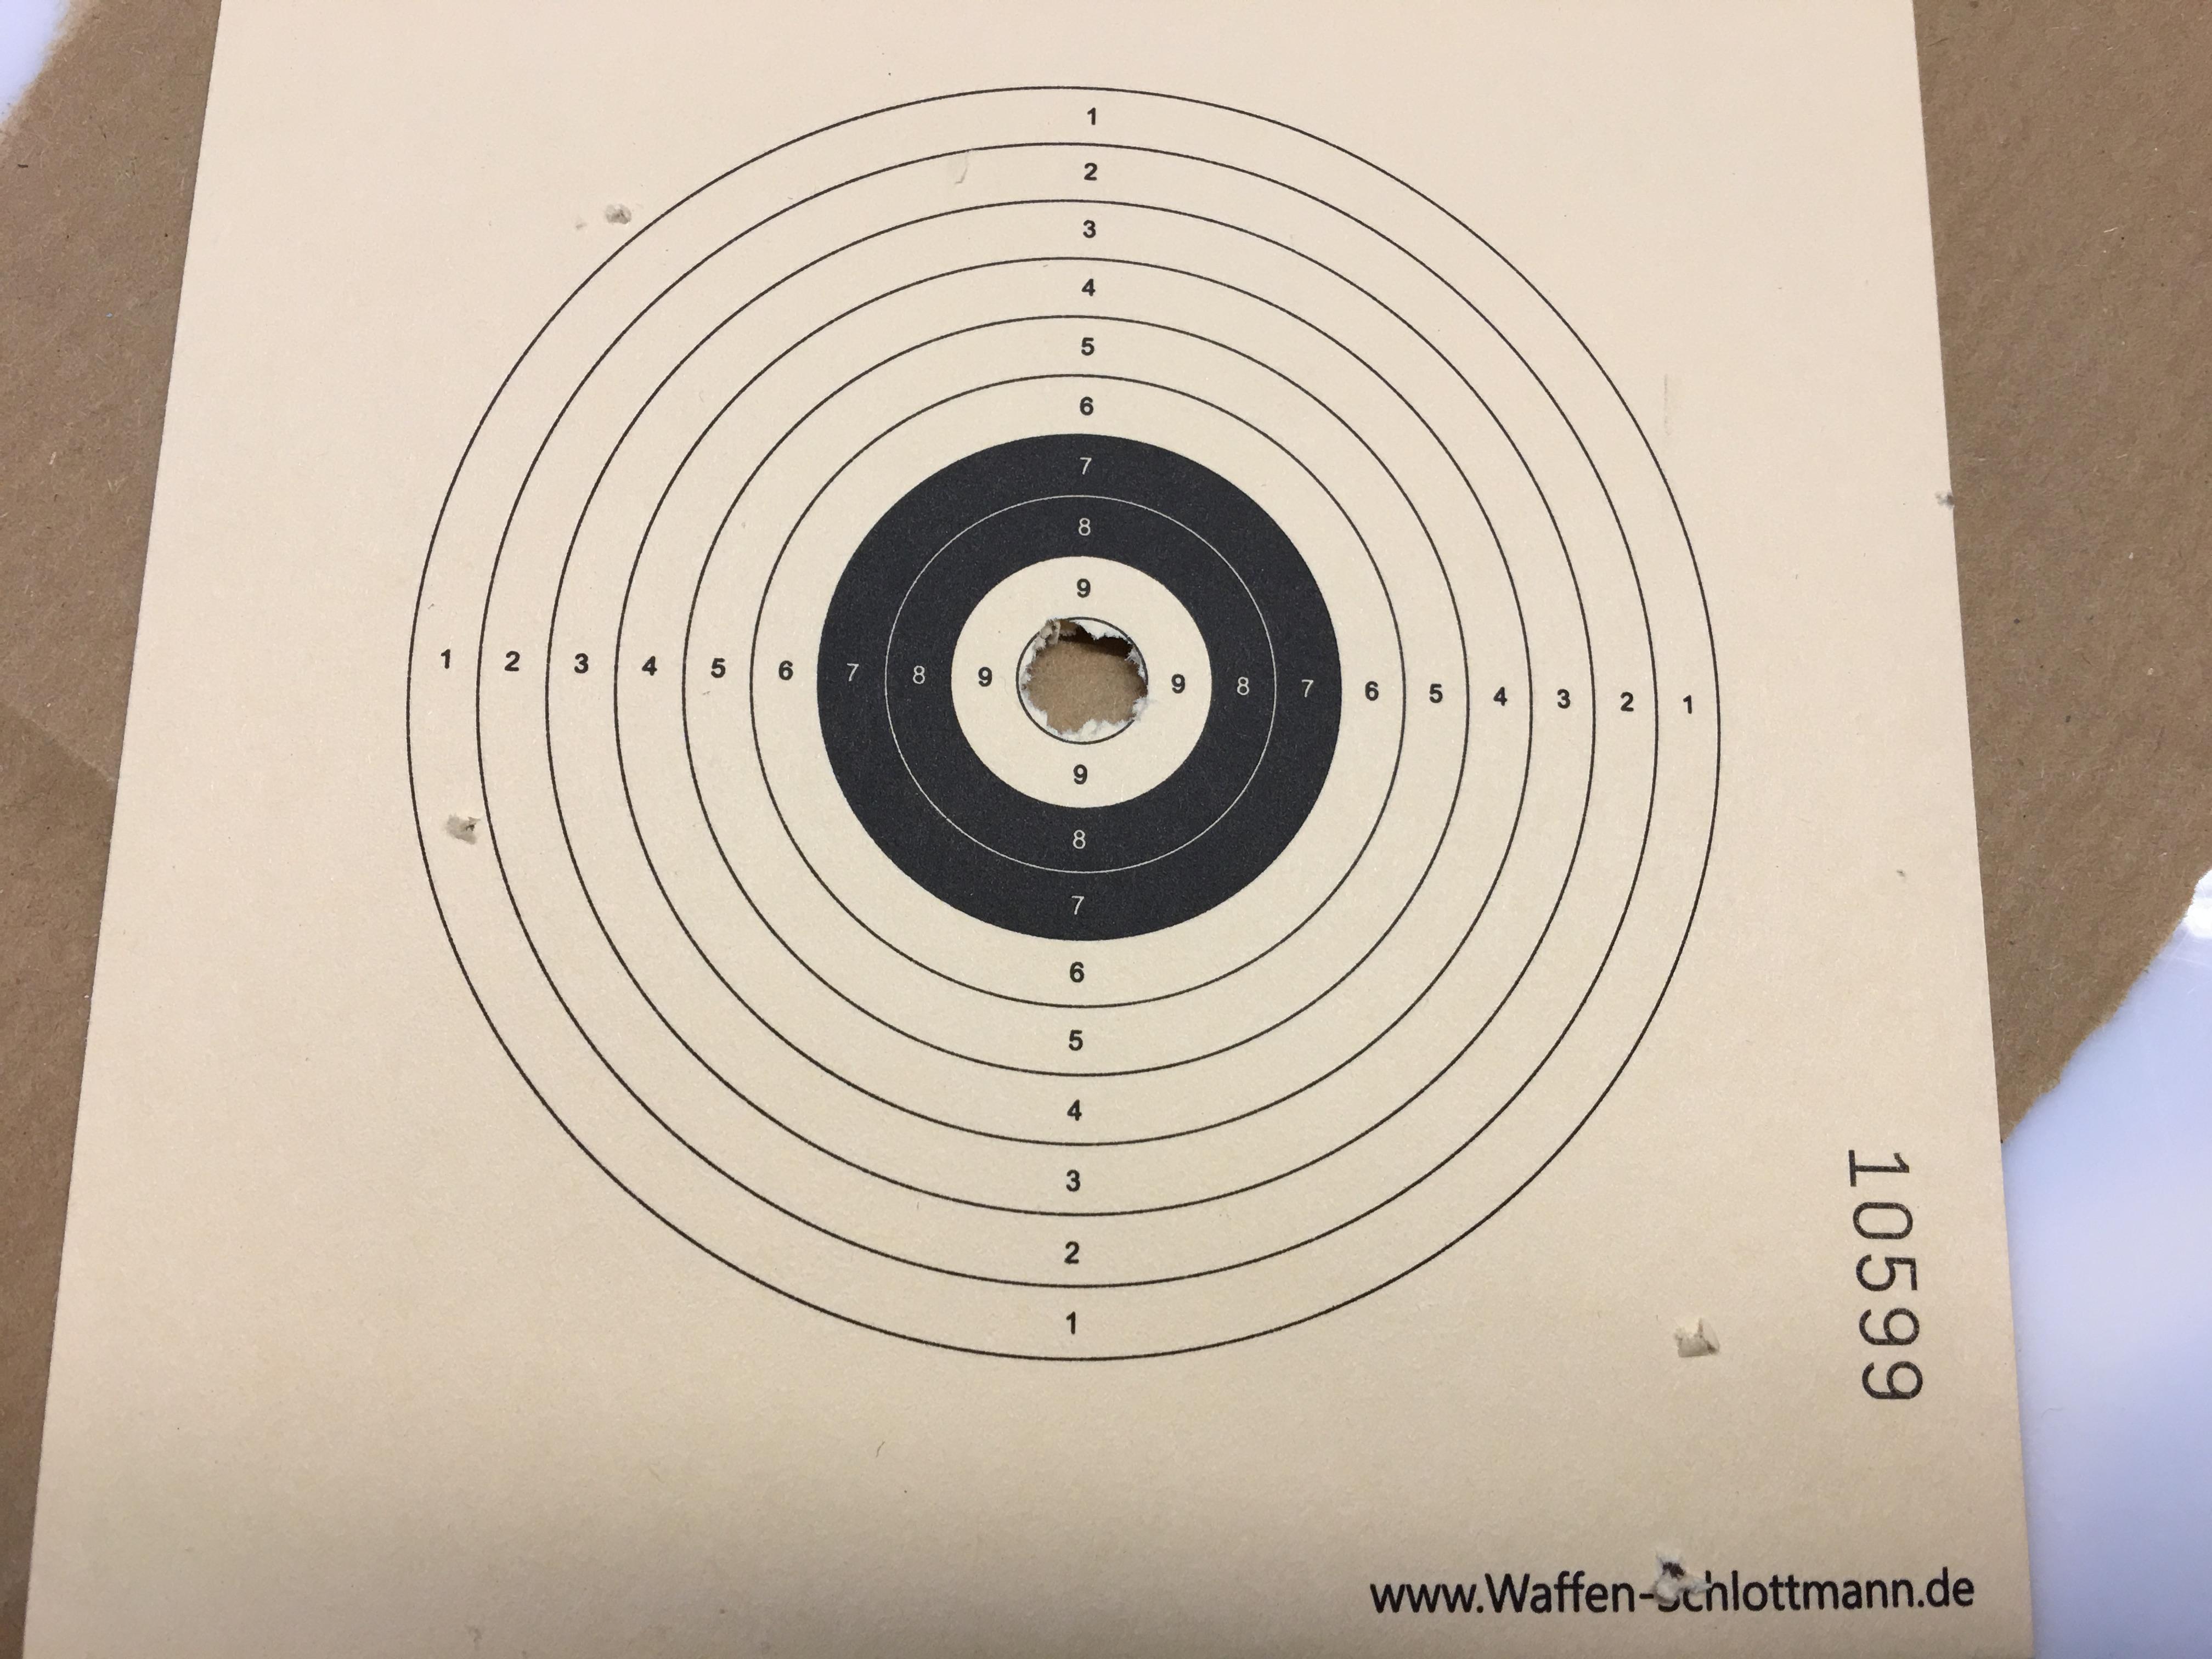 Dieses Trefferbild habe ich mit solchen H&N Geschossen aus einem HW 100 TK auf 12 m Distanz erreicht.